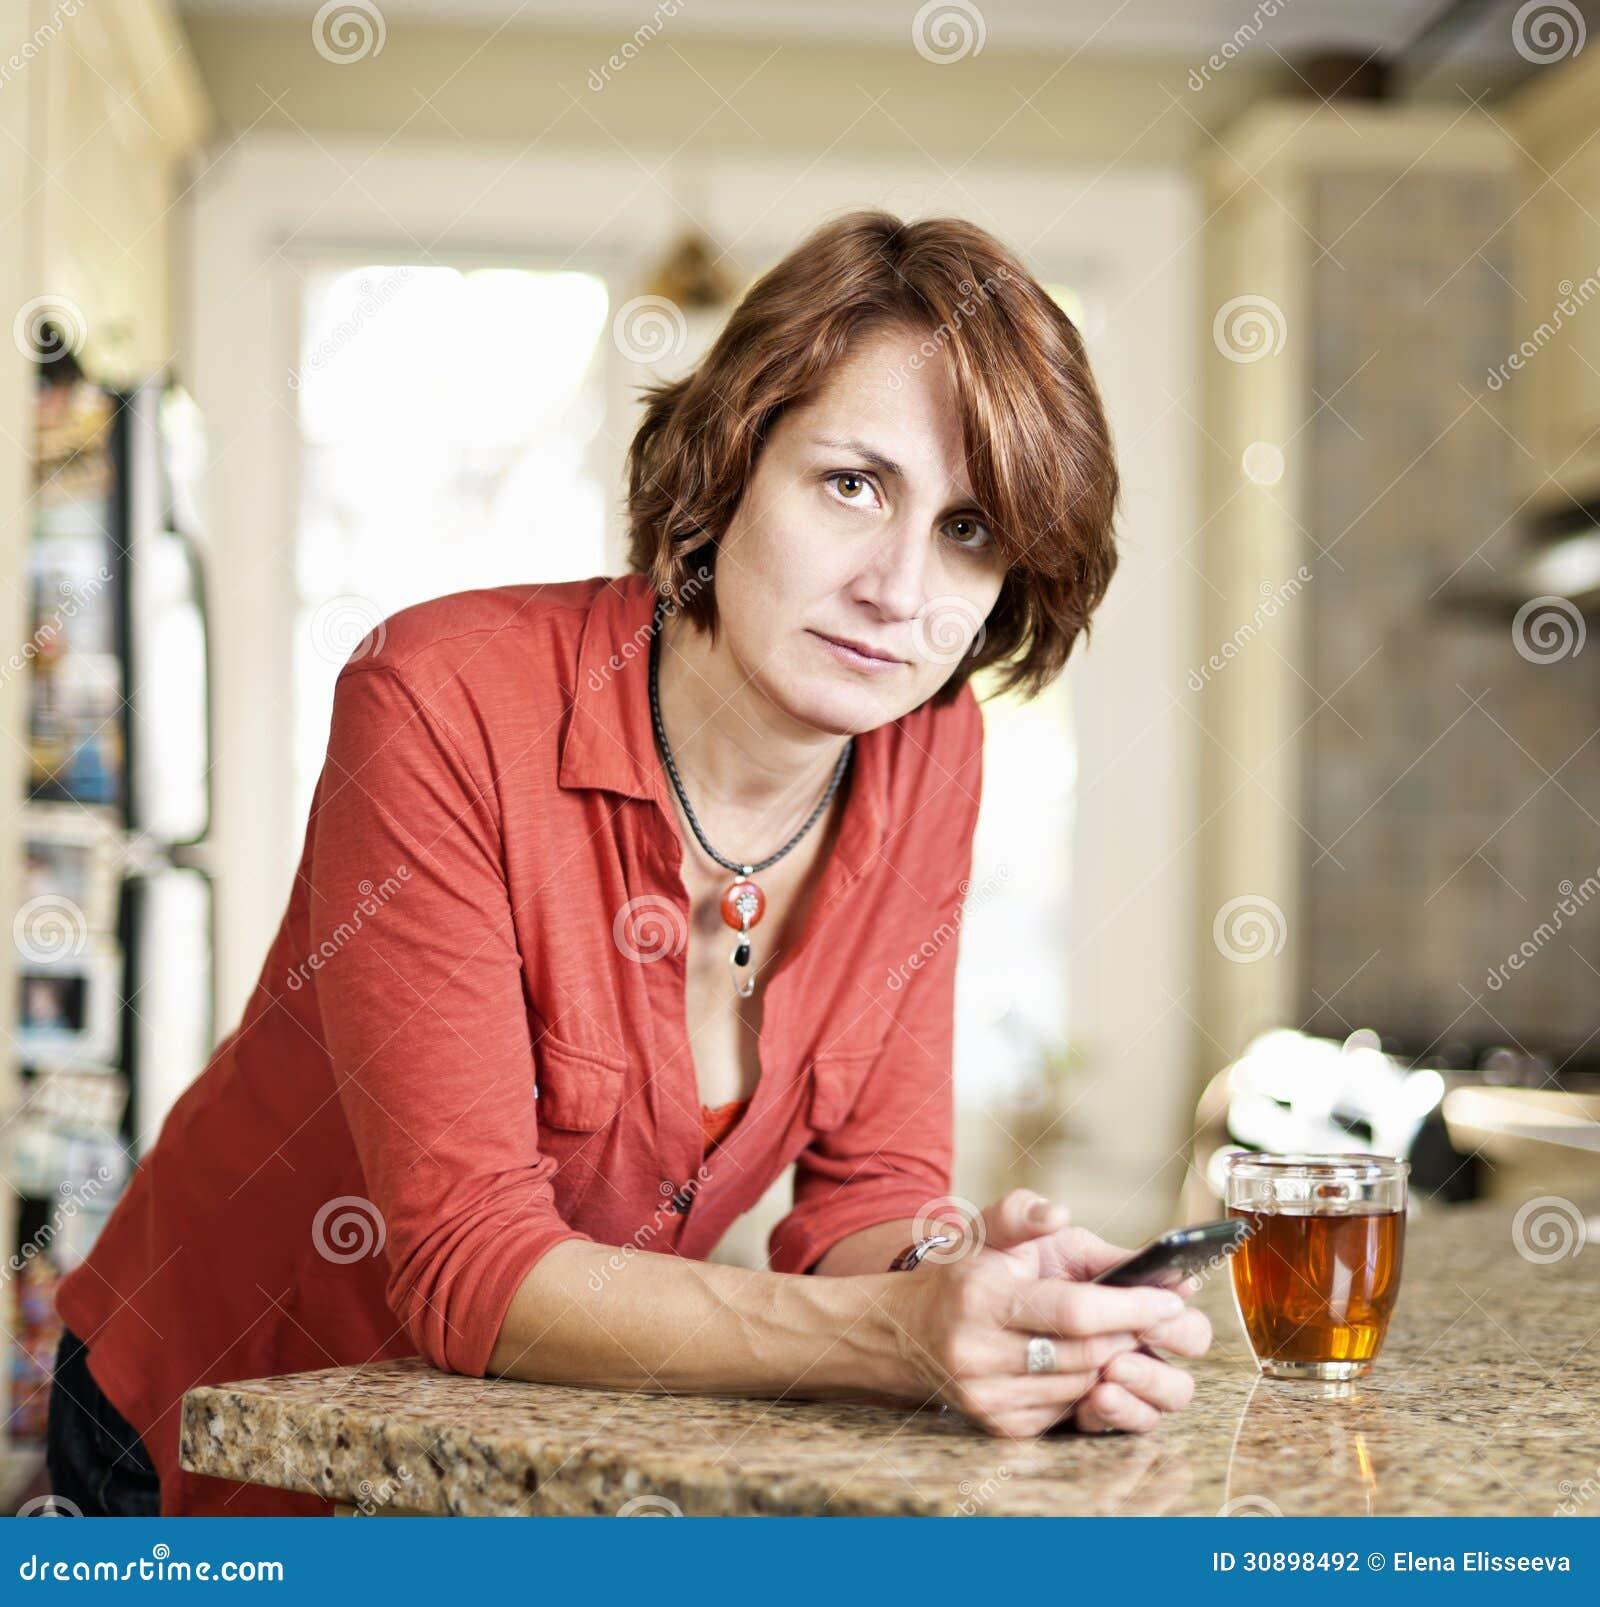 kvinna söker kk grattis